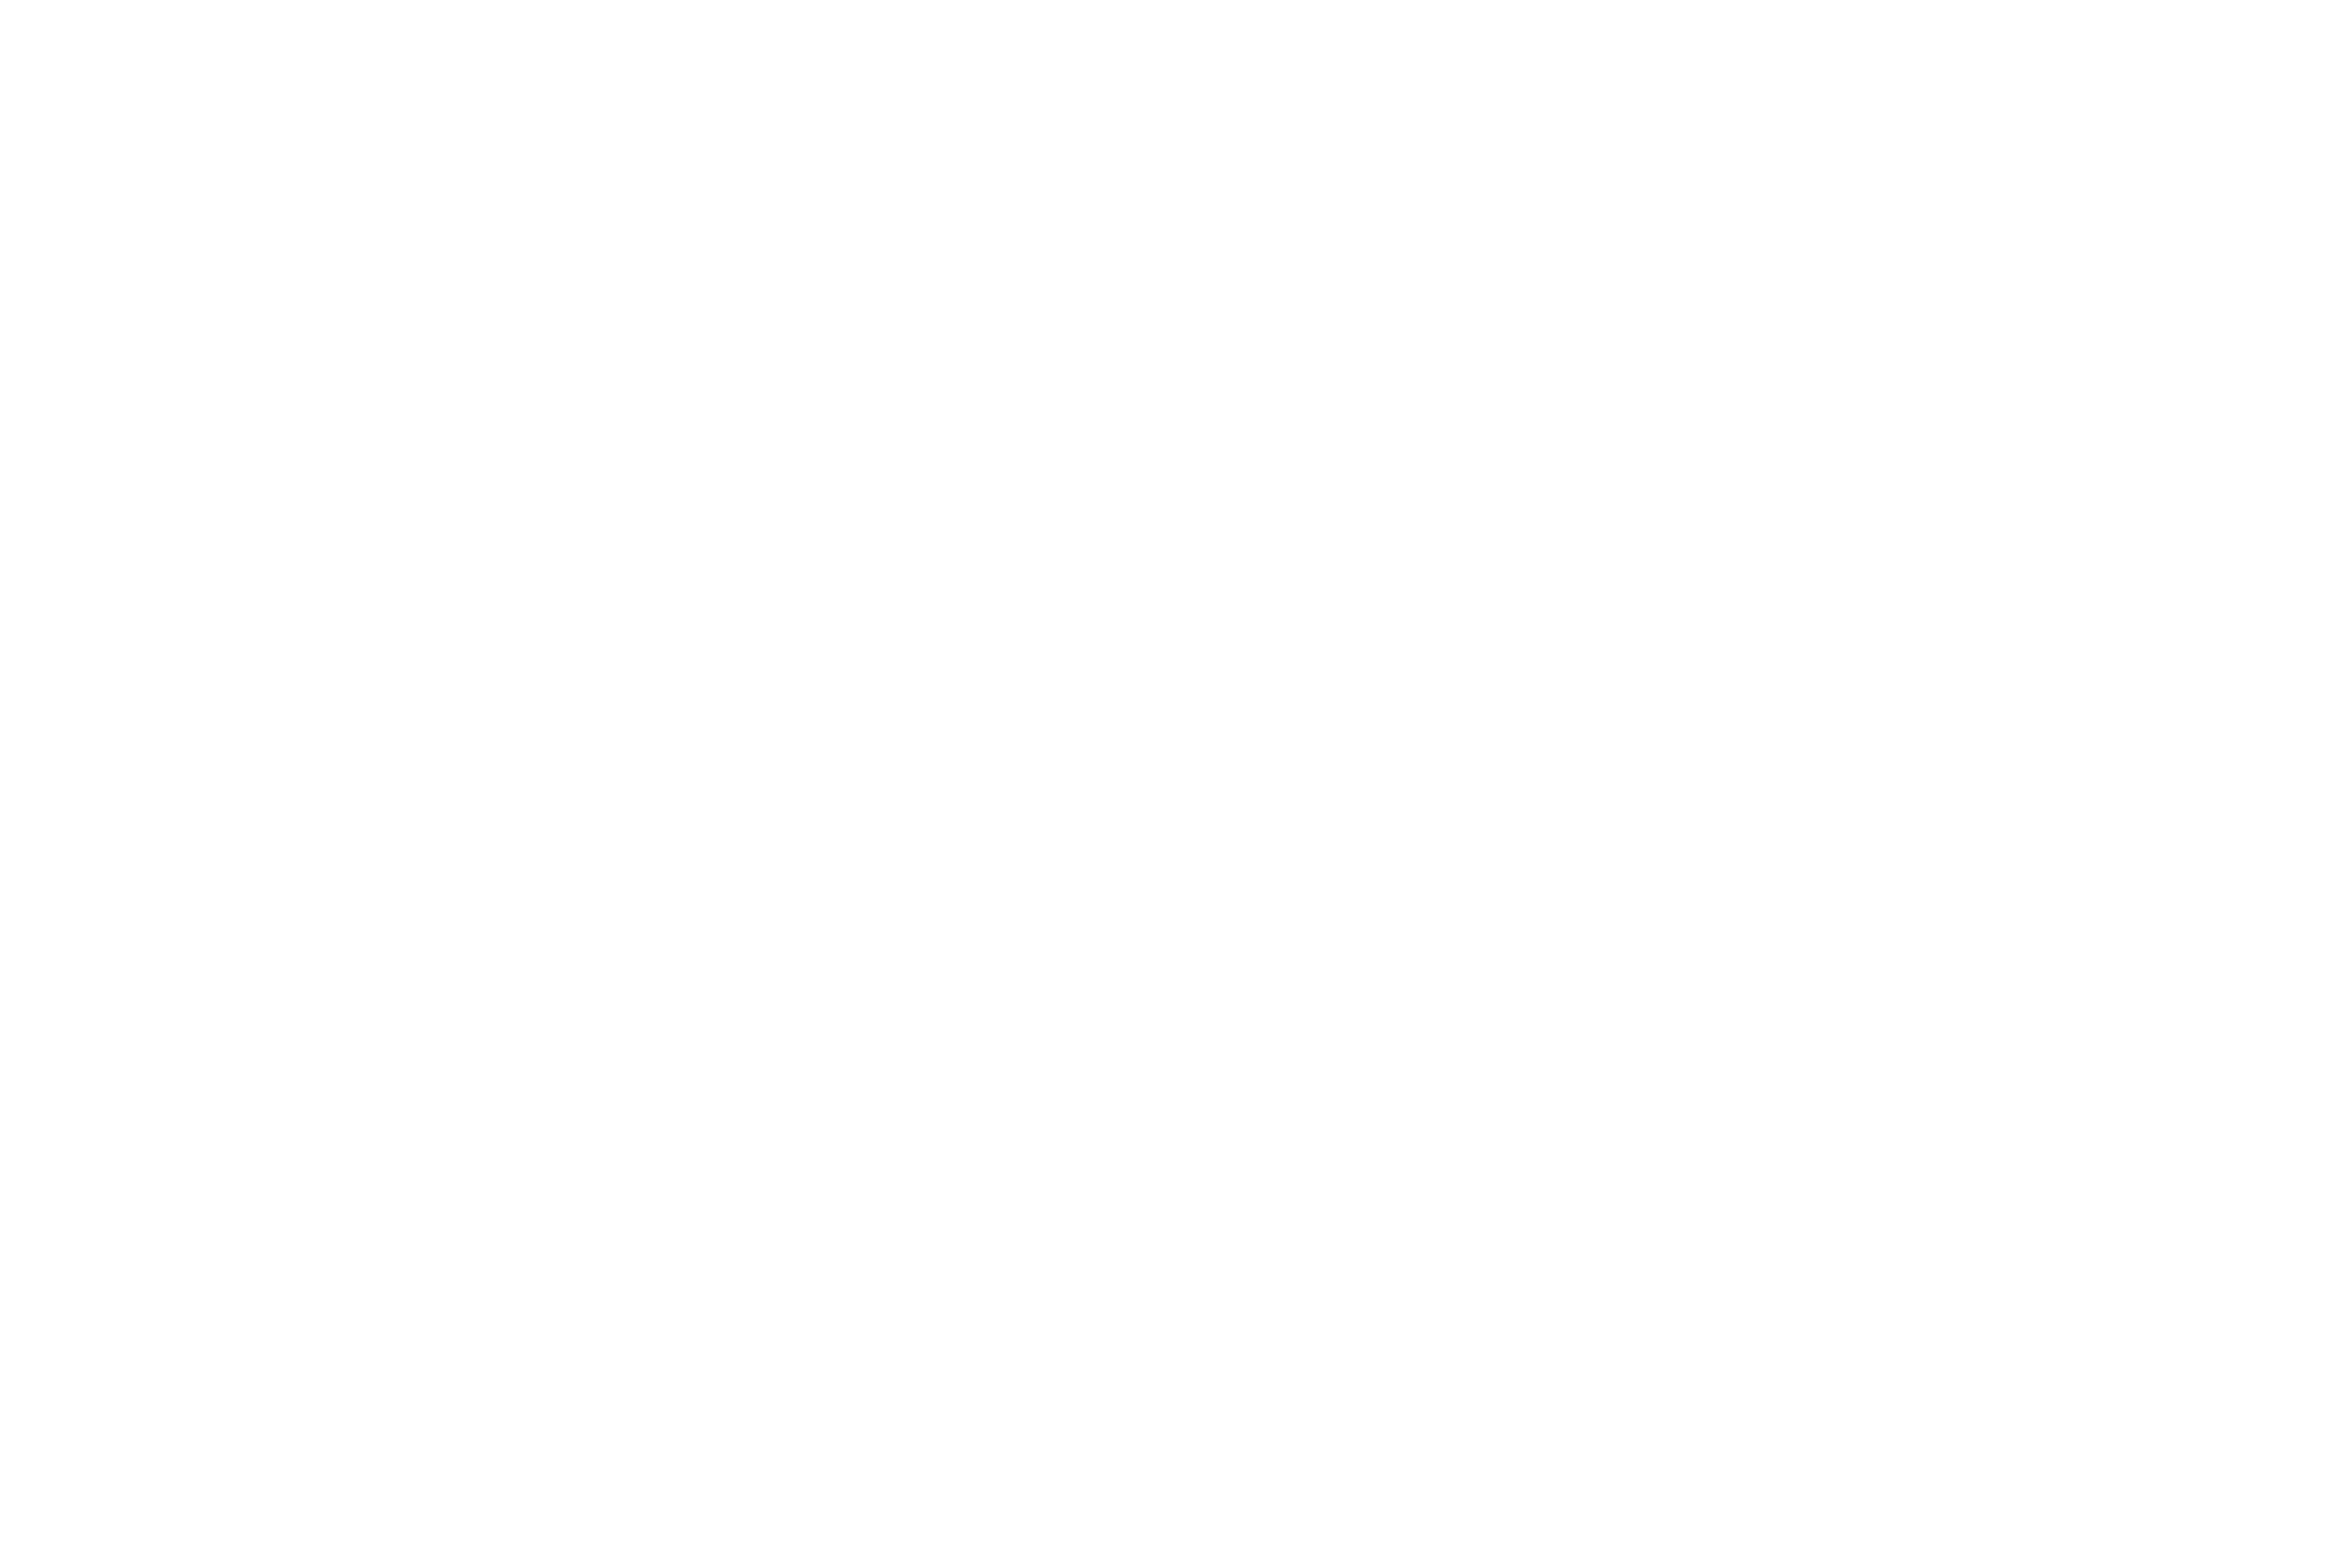 LAUREL SEPTEMBER 2019.png